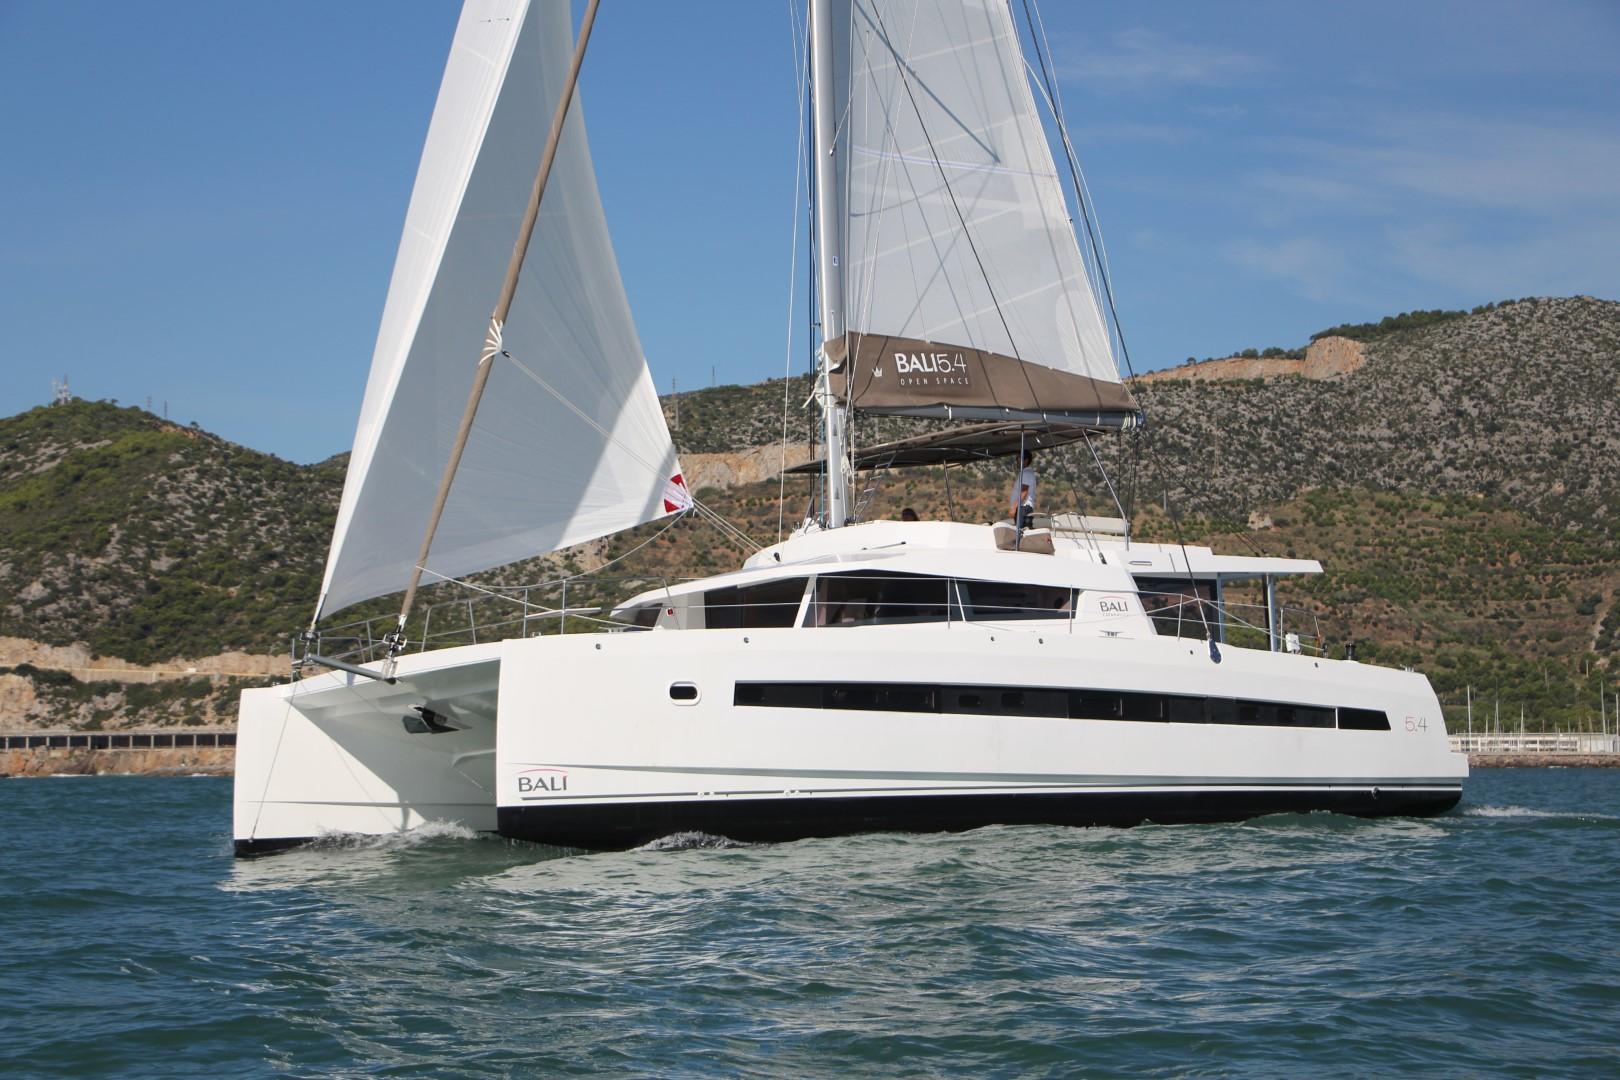 bali-5.4-catamaran-sailing-yacht-charter-boat-1